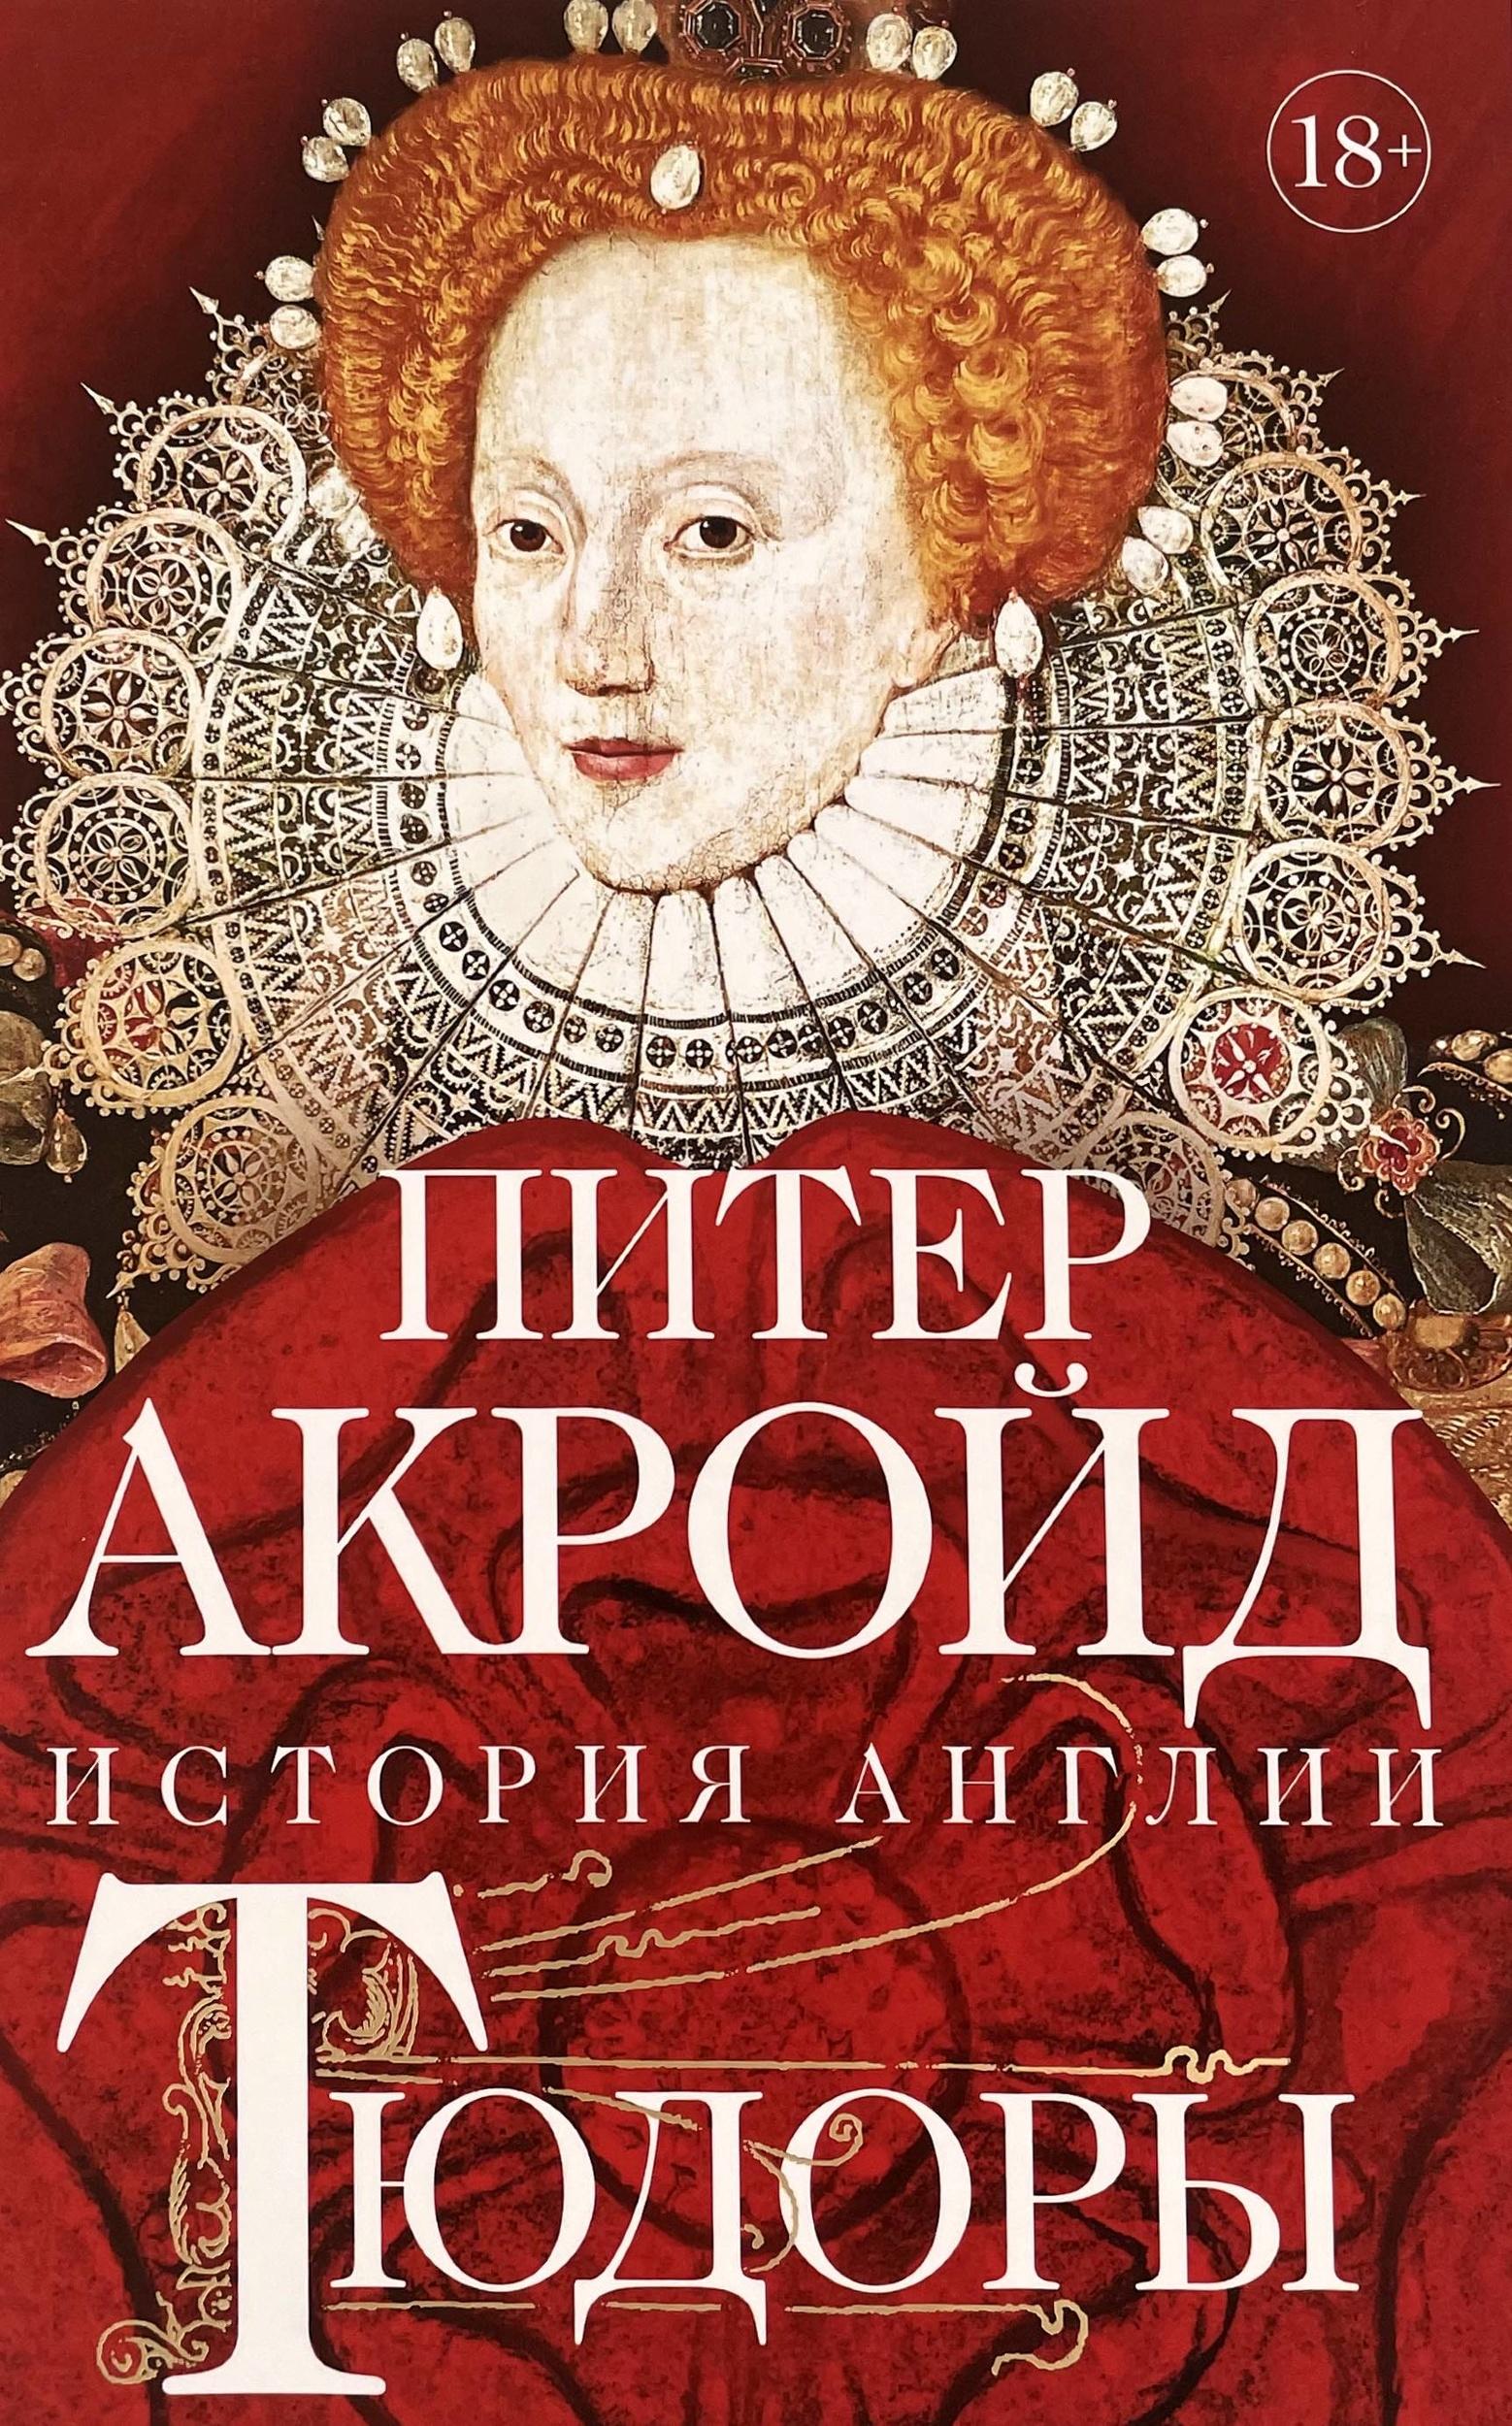 Тюдоры. История Англии. От Генриха VIII до Елизаветы I